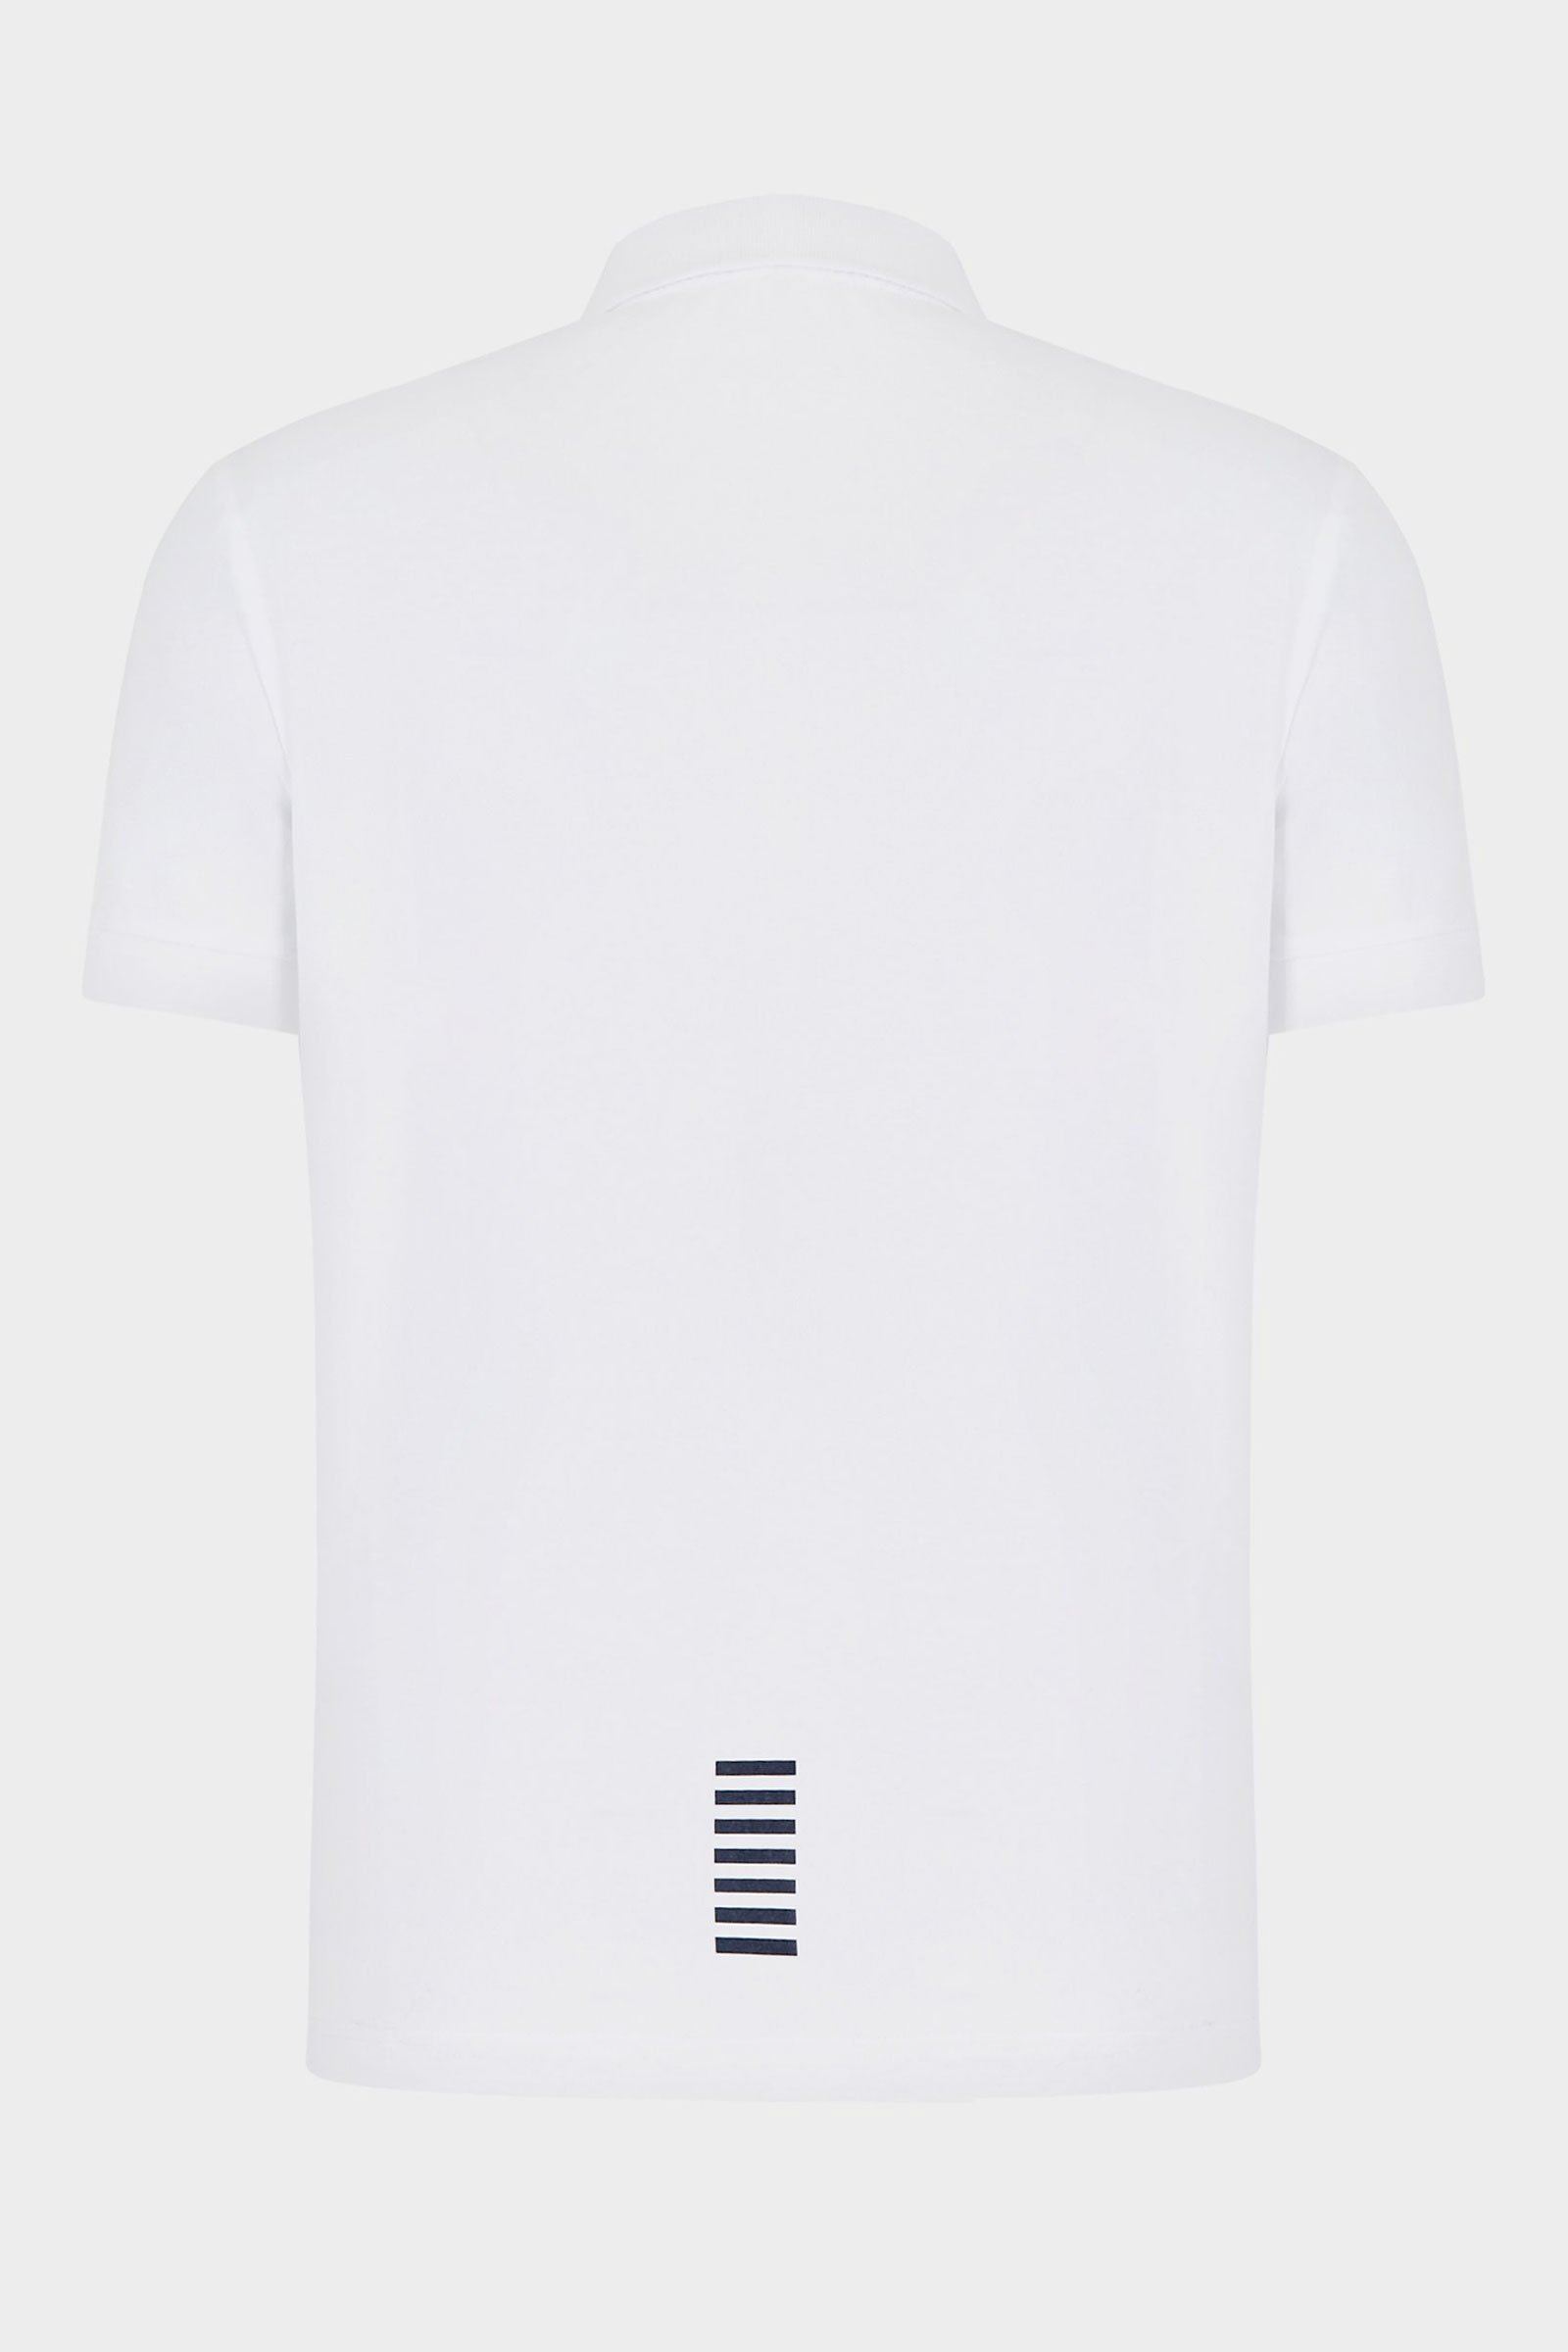 ARMANI EA7 Men's Polo Shirt ARMANI EA7 |  | 8NPF04 PJM5Z1100